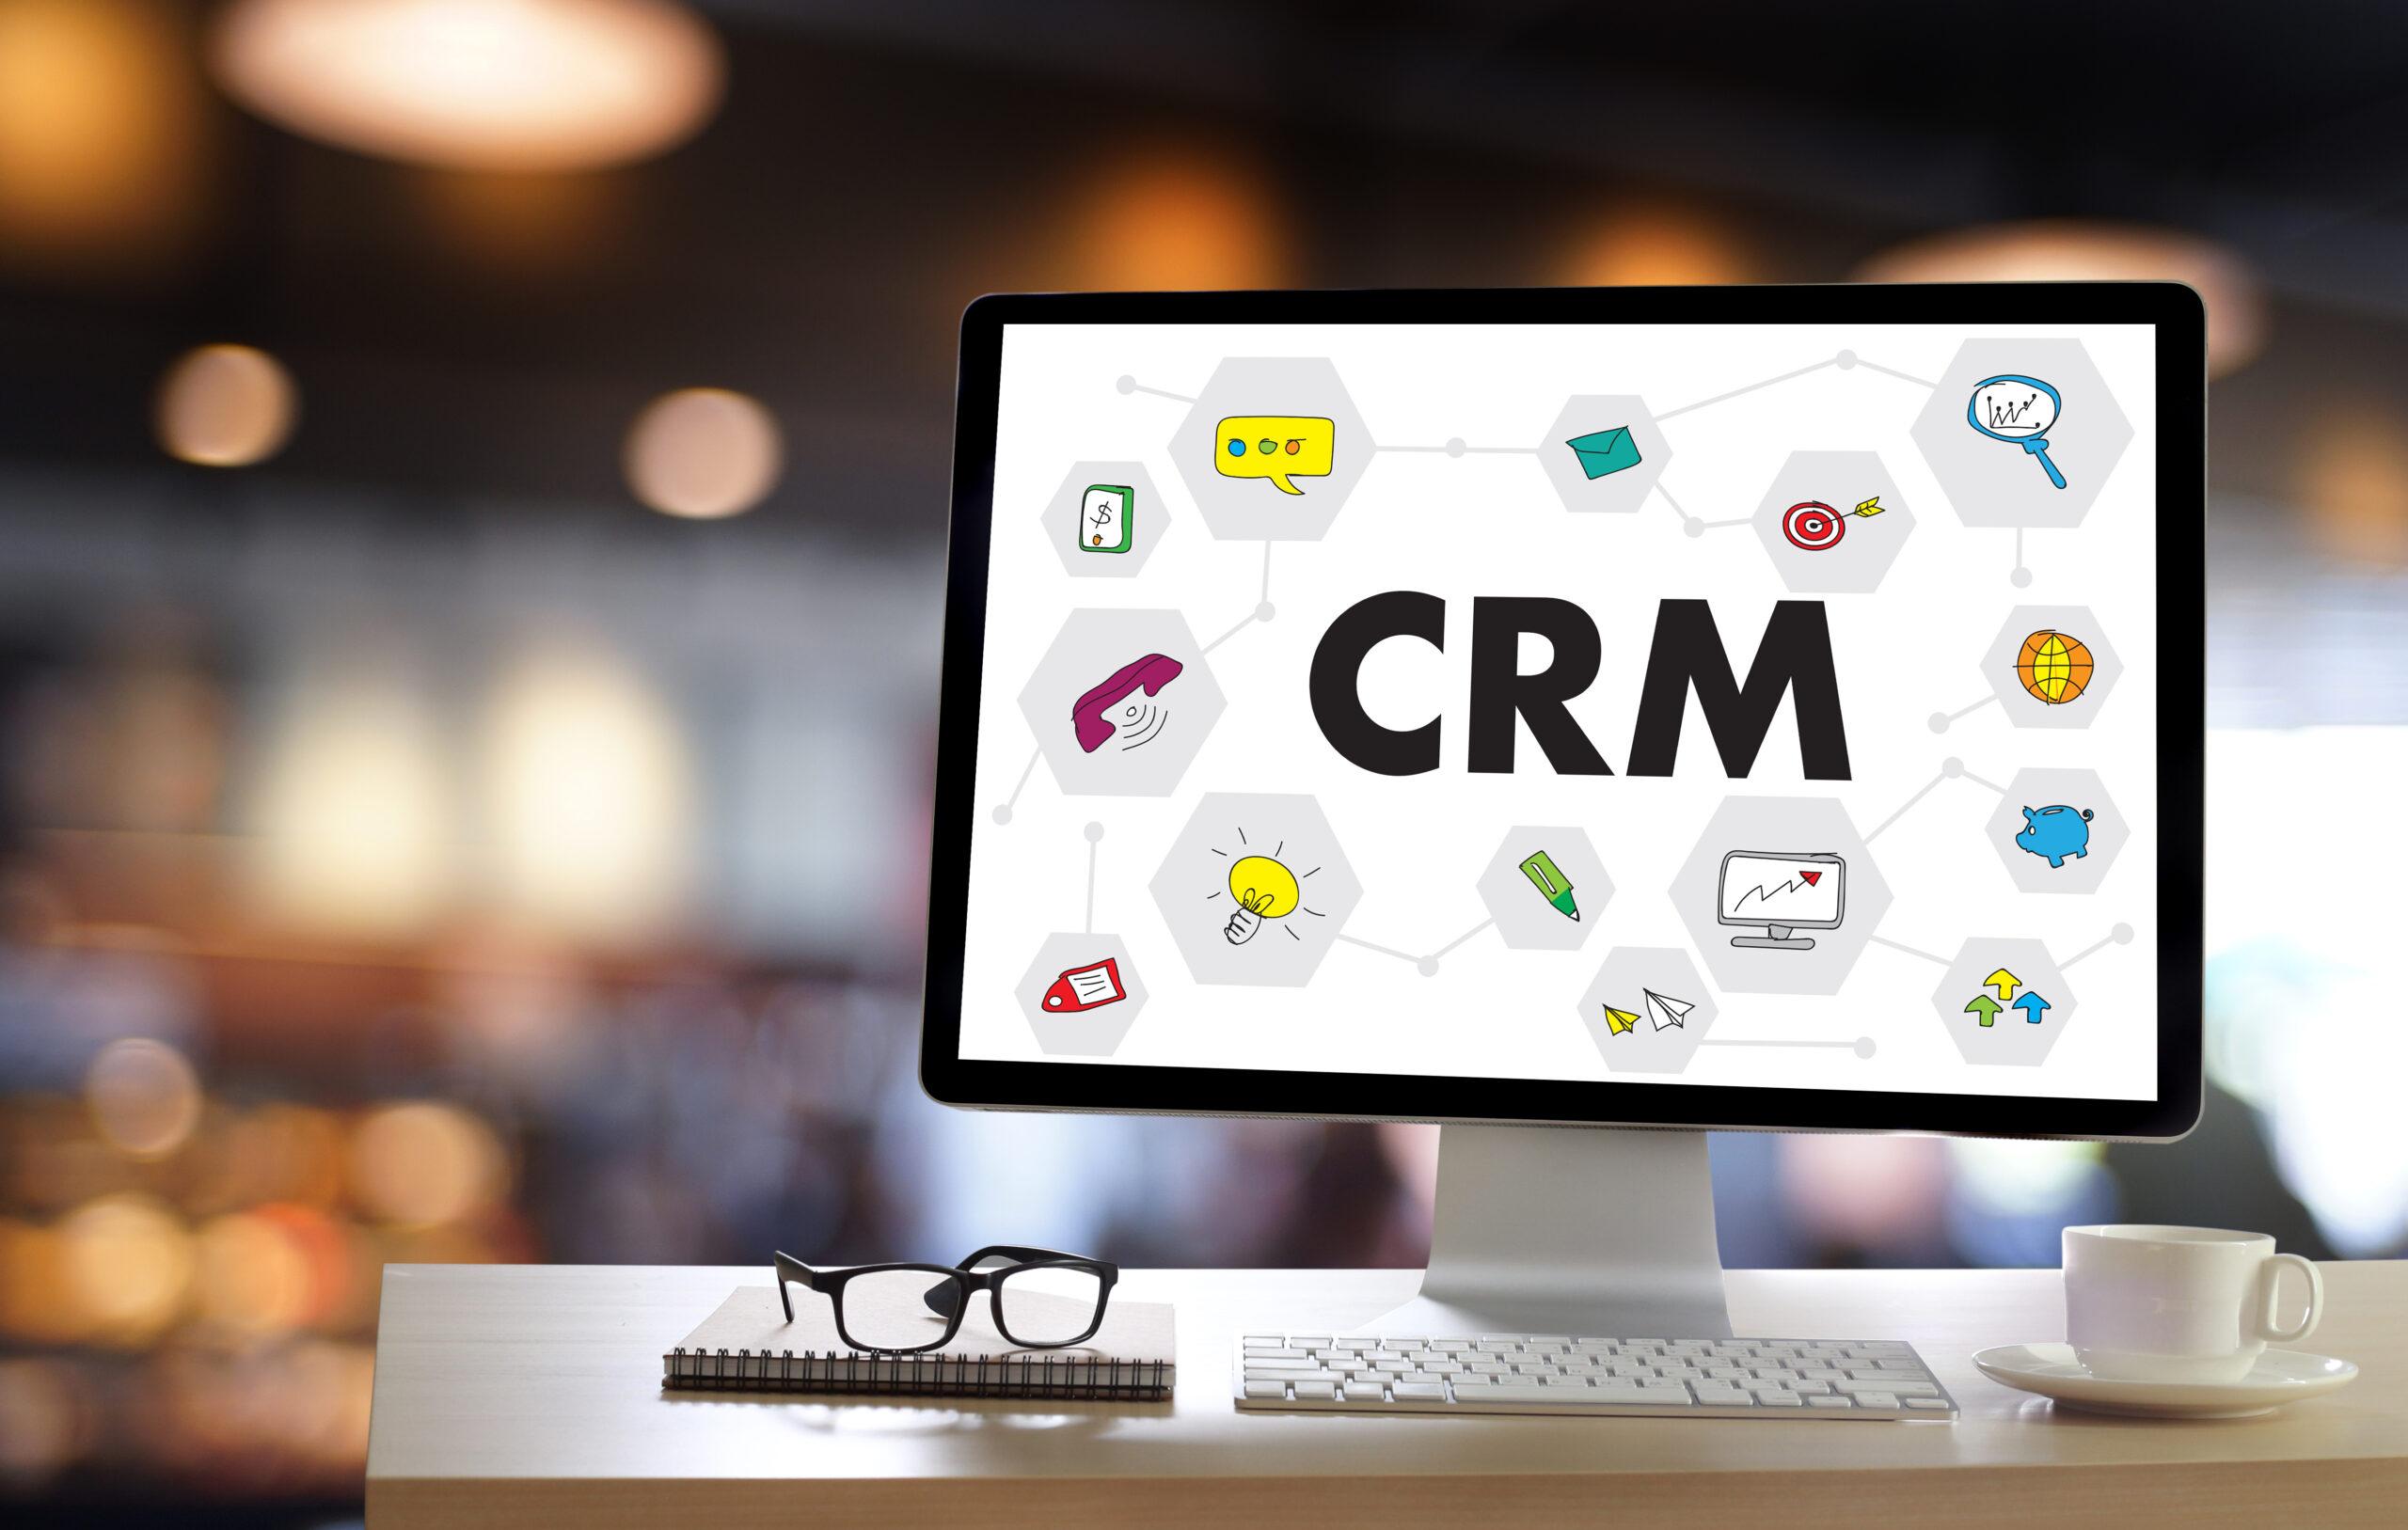 Een voorbeeld van een CRM-systeem